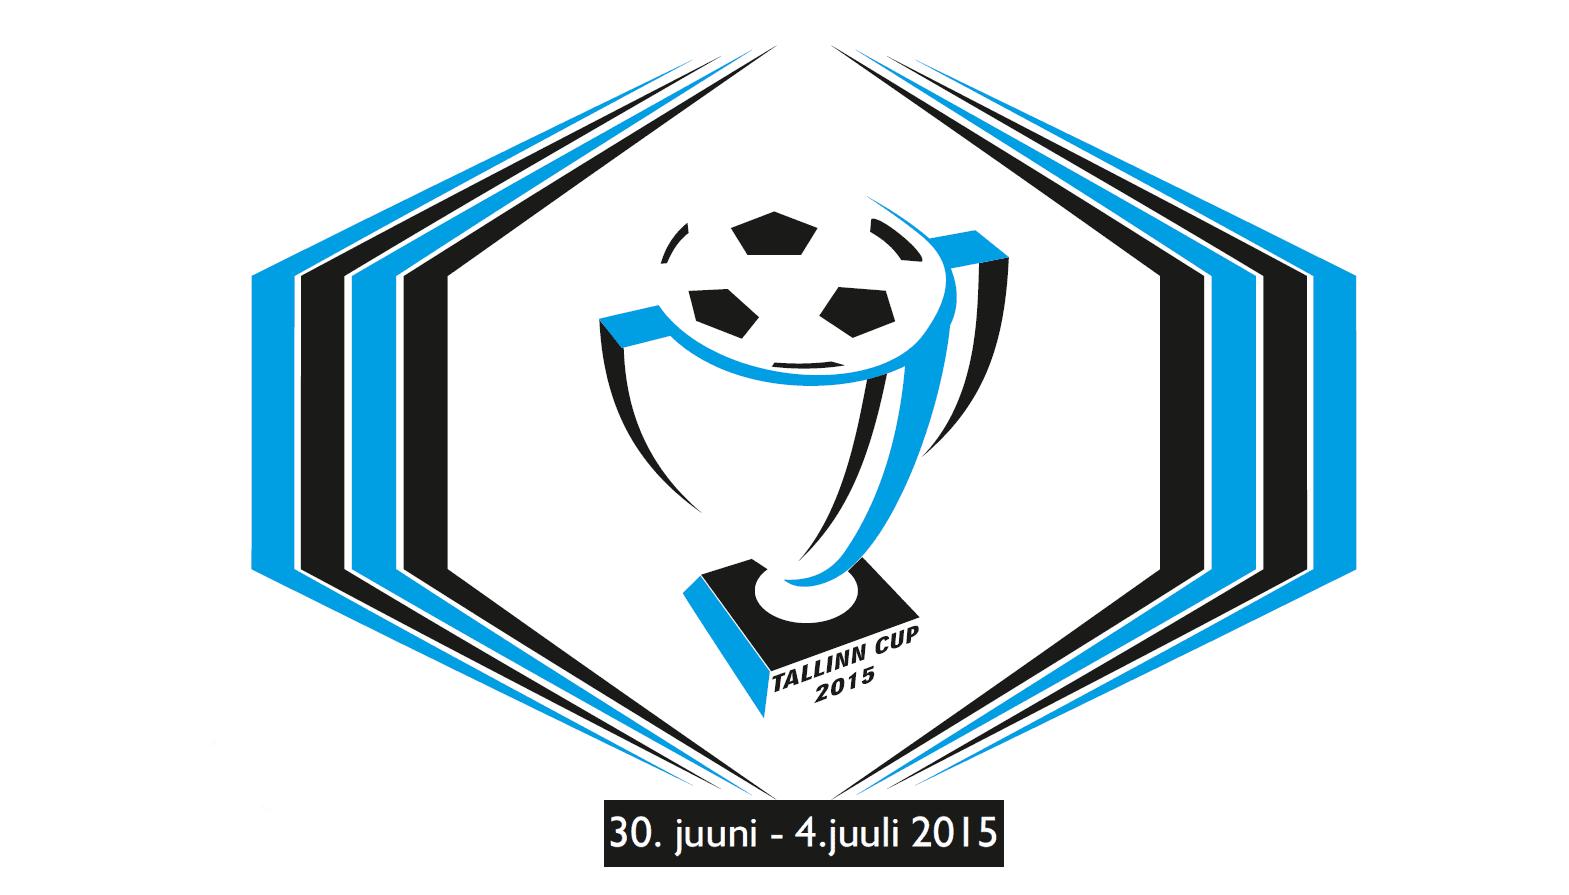 Tallinn Cup cover